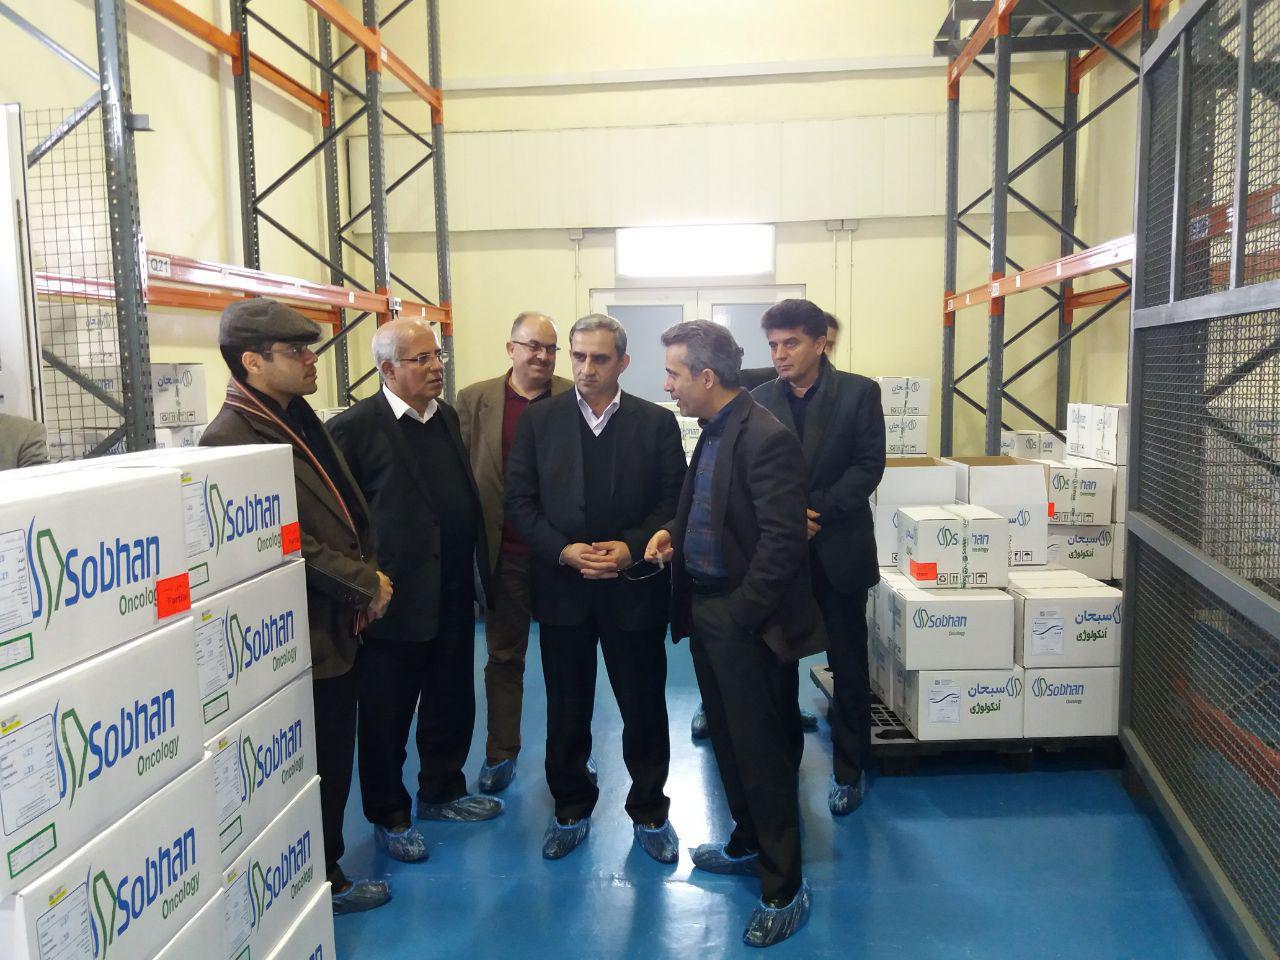 فعالیت 6 شرکت داروسازی در گیلان/ گیلان بعنوان قطب داروسازی کشور شناخته می شود